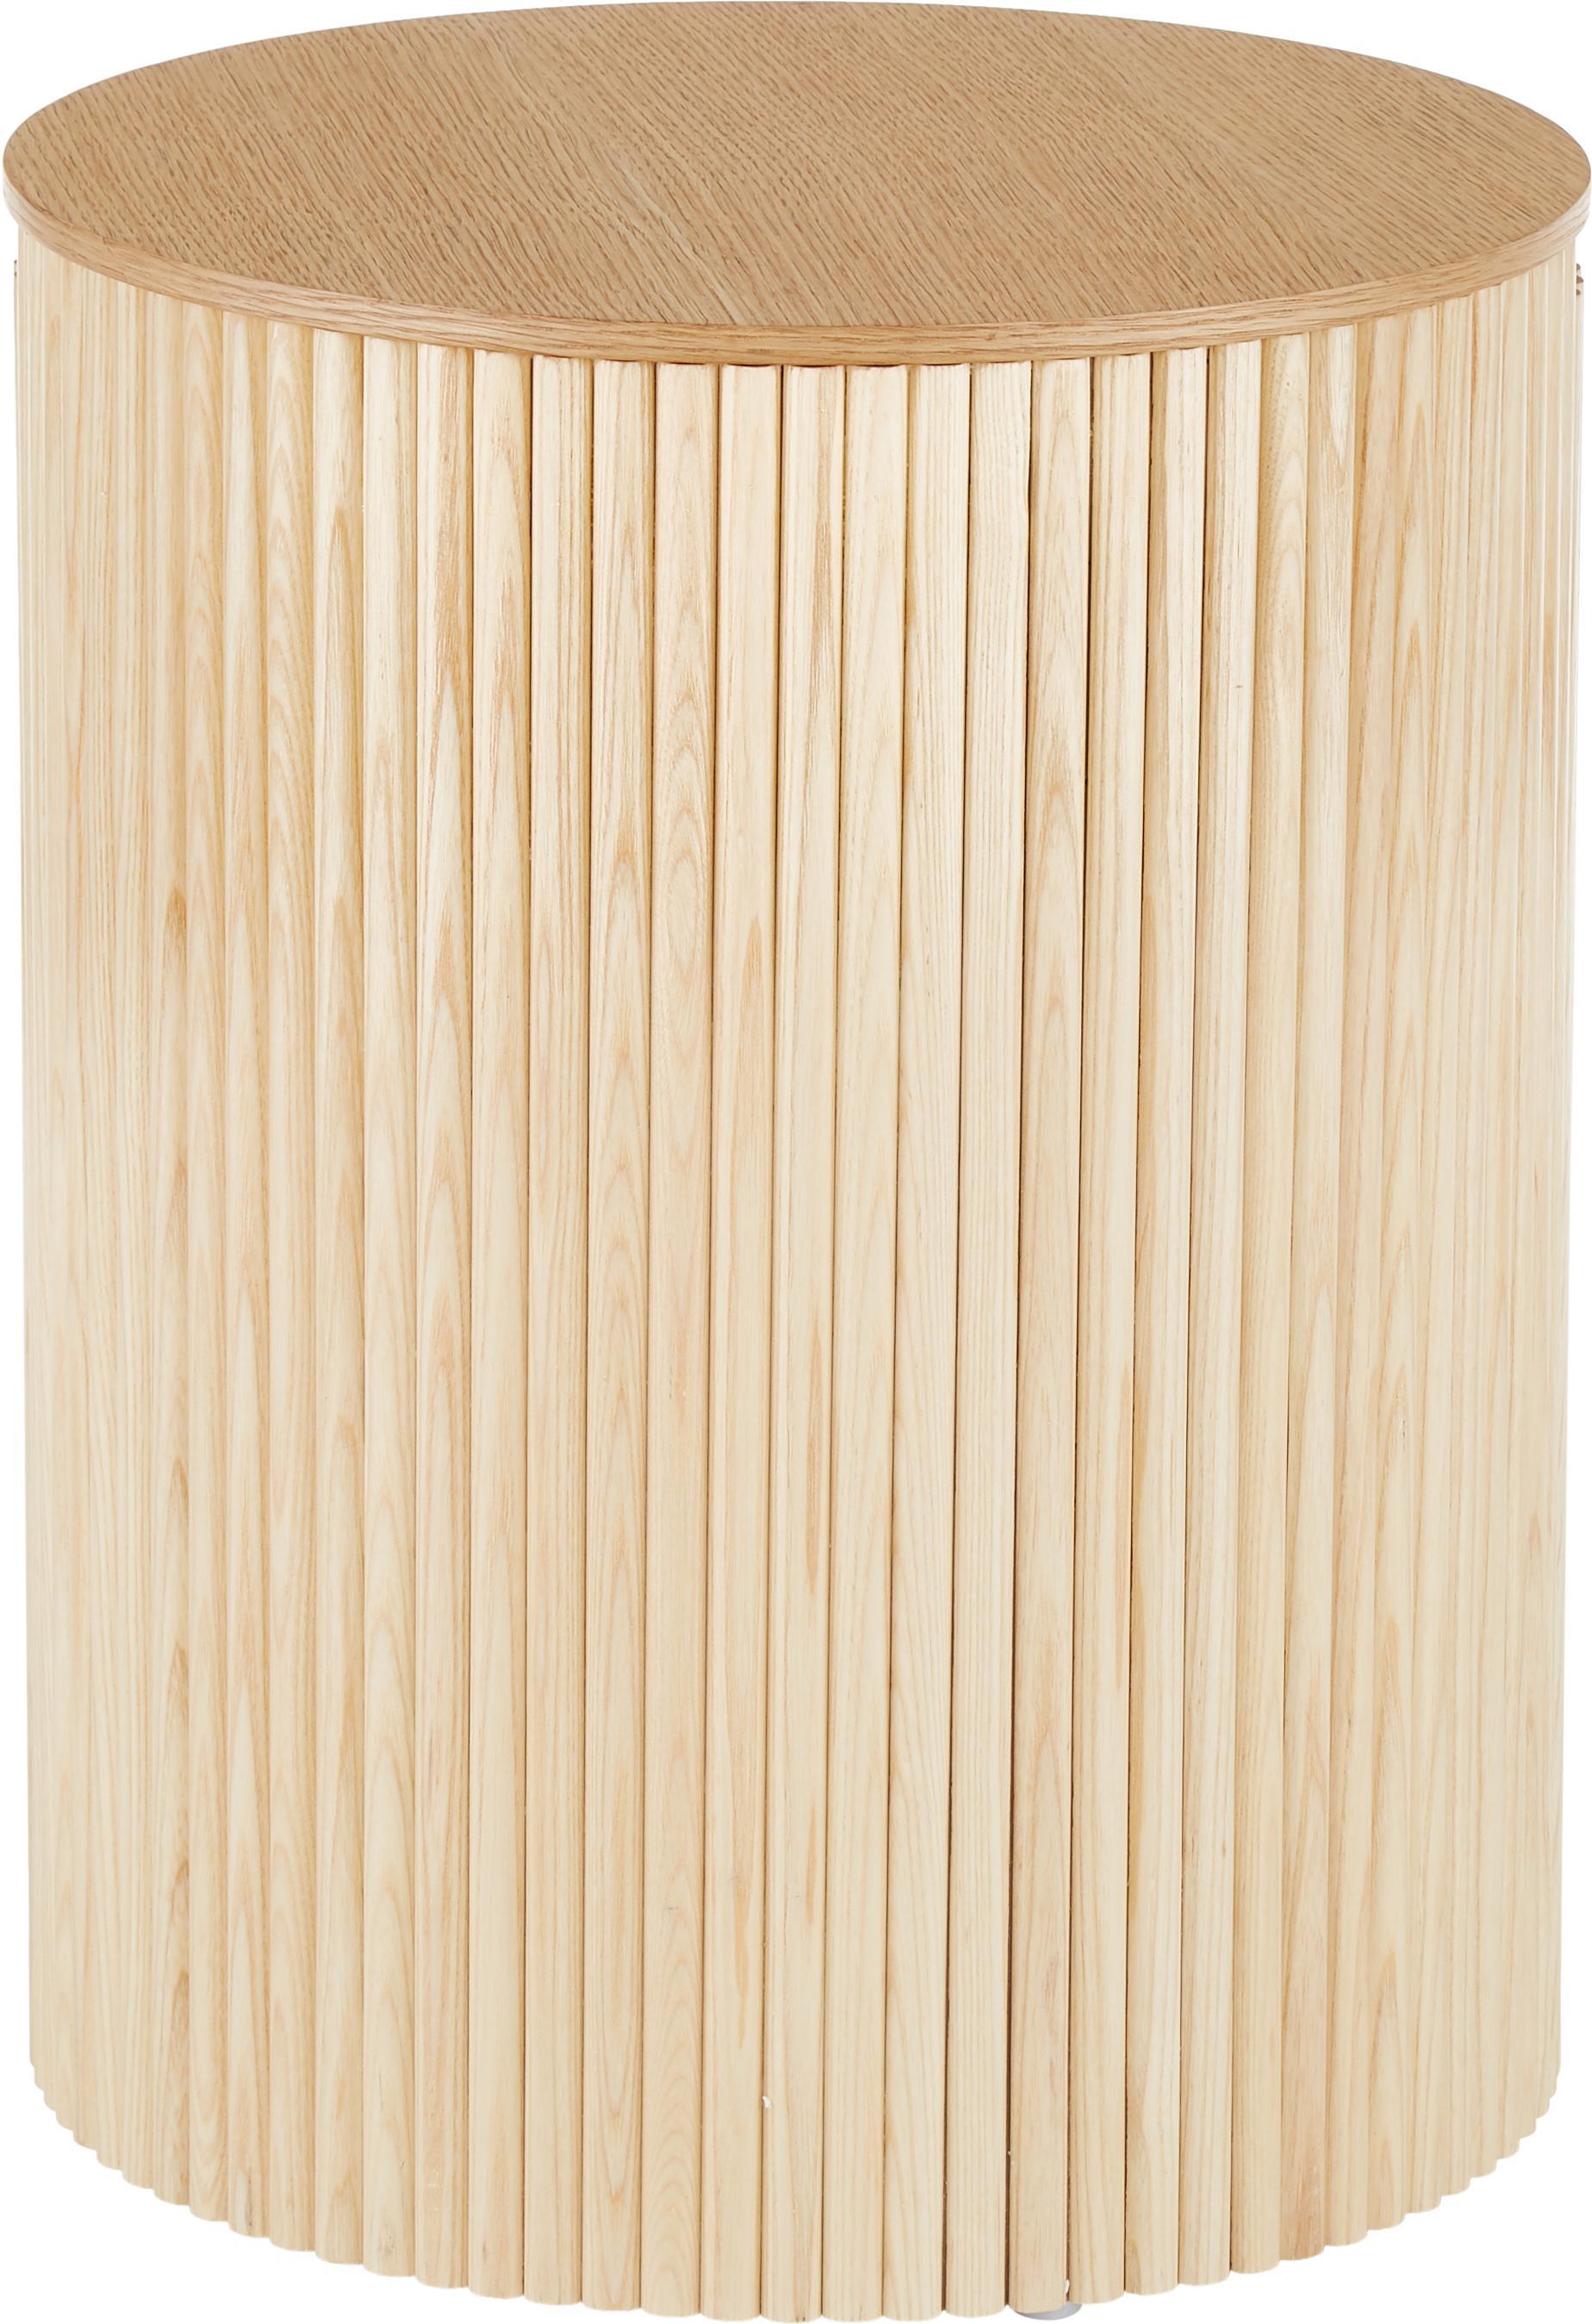 Stolik pomocniczy z miejscem do przechowywania Nele, Płyta pilśniowa (MDF) z fornirem z drewna jesionowego, Okleina jesionowa, Ø 40 x W 51 cm